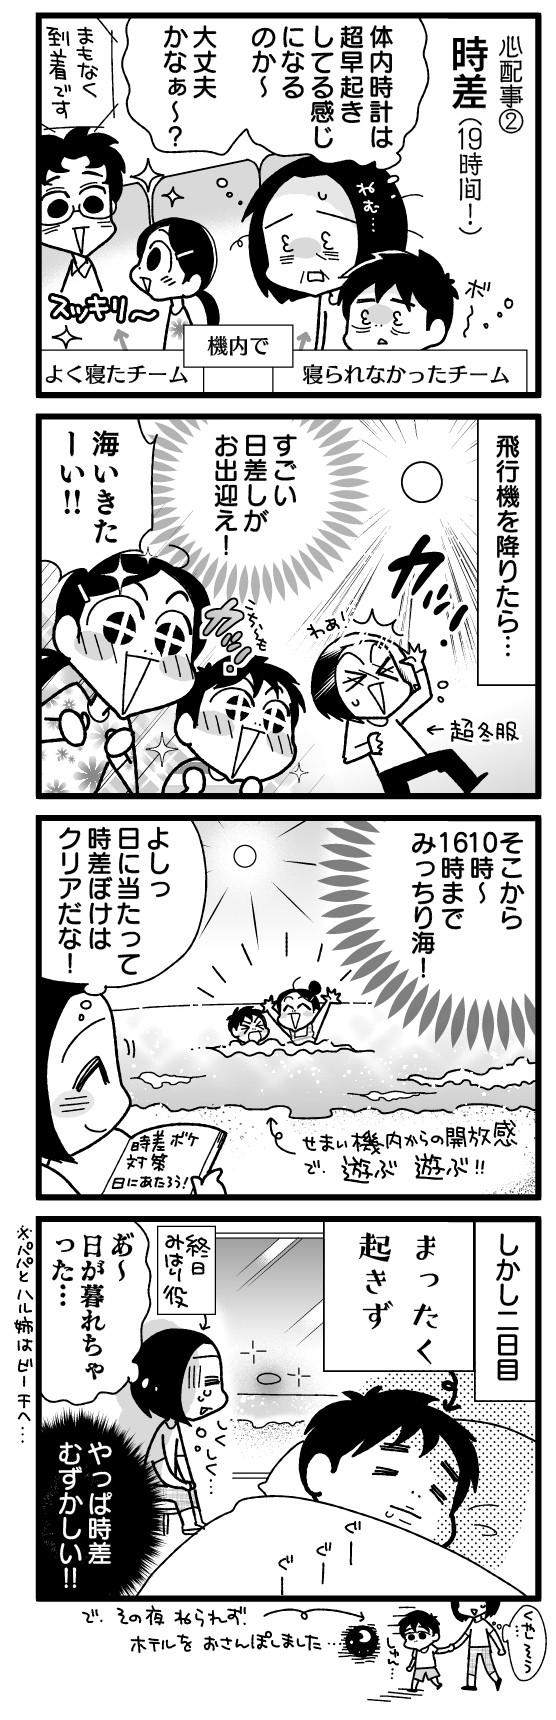 漫画『怒涛のにゅーじヨージ』Vol.190「子連れハワイってどーなの?②時差編」 1コマ目